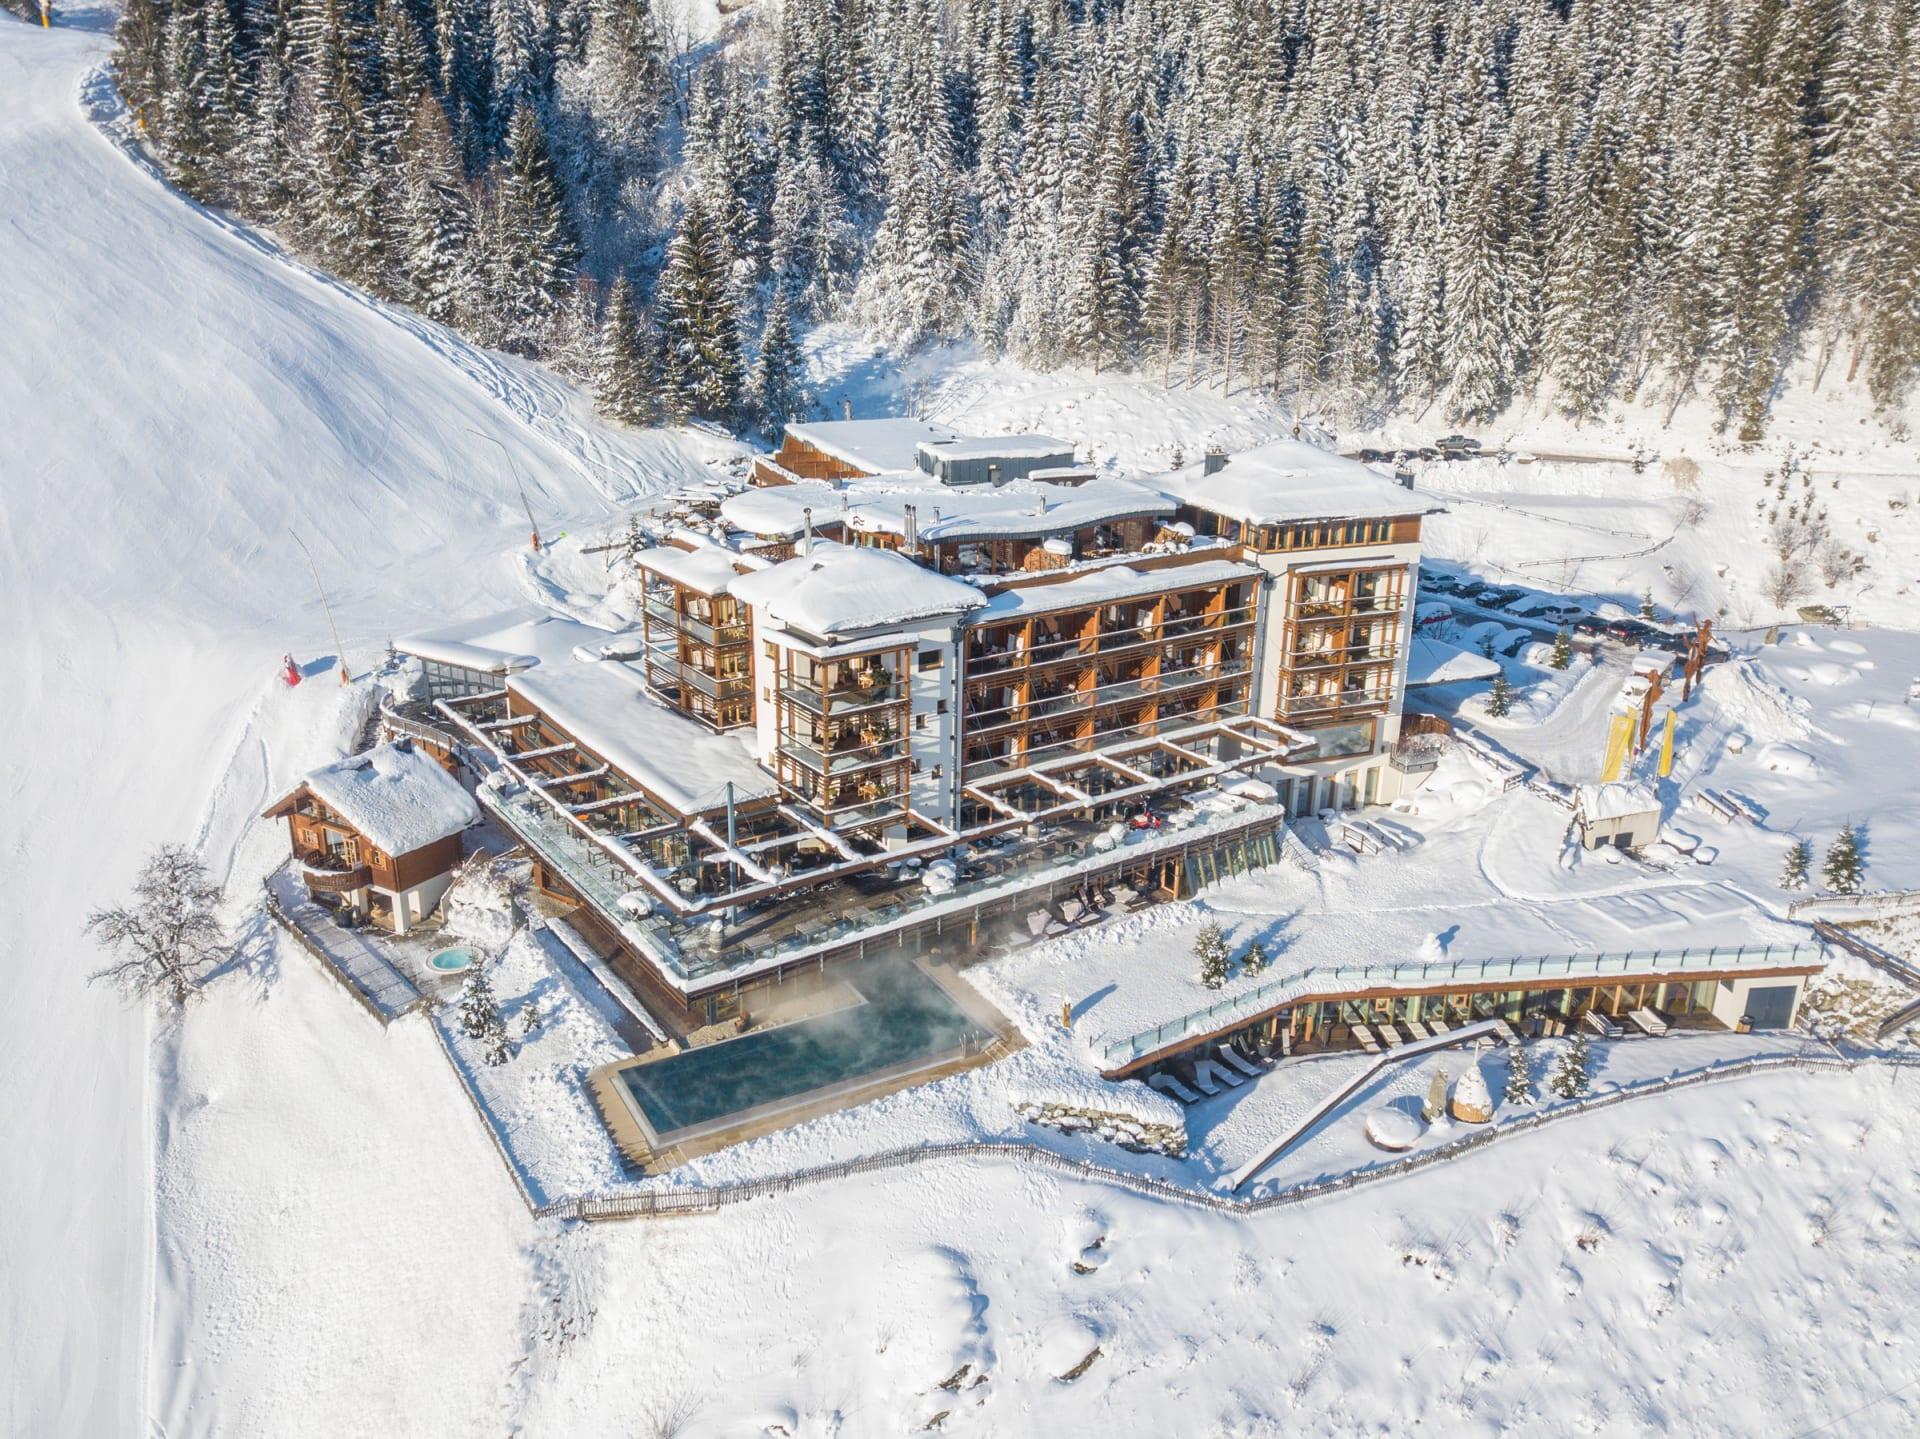 Hotel DAS.GOLDBERG Bad Hofgastein Ski- und Spa Genusstage ... 3 Nächte